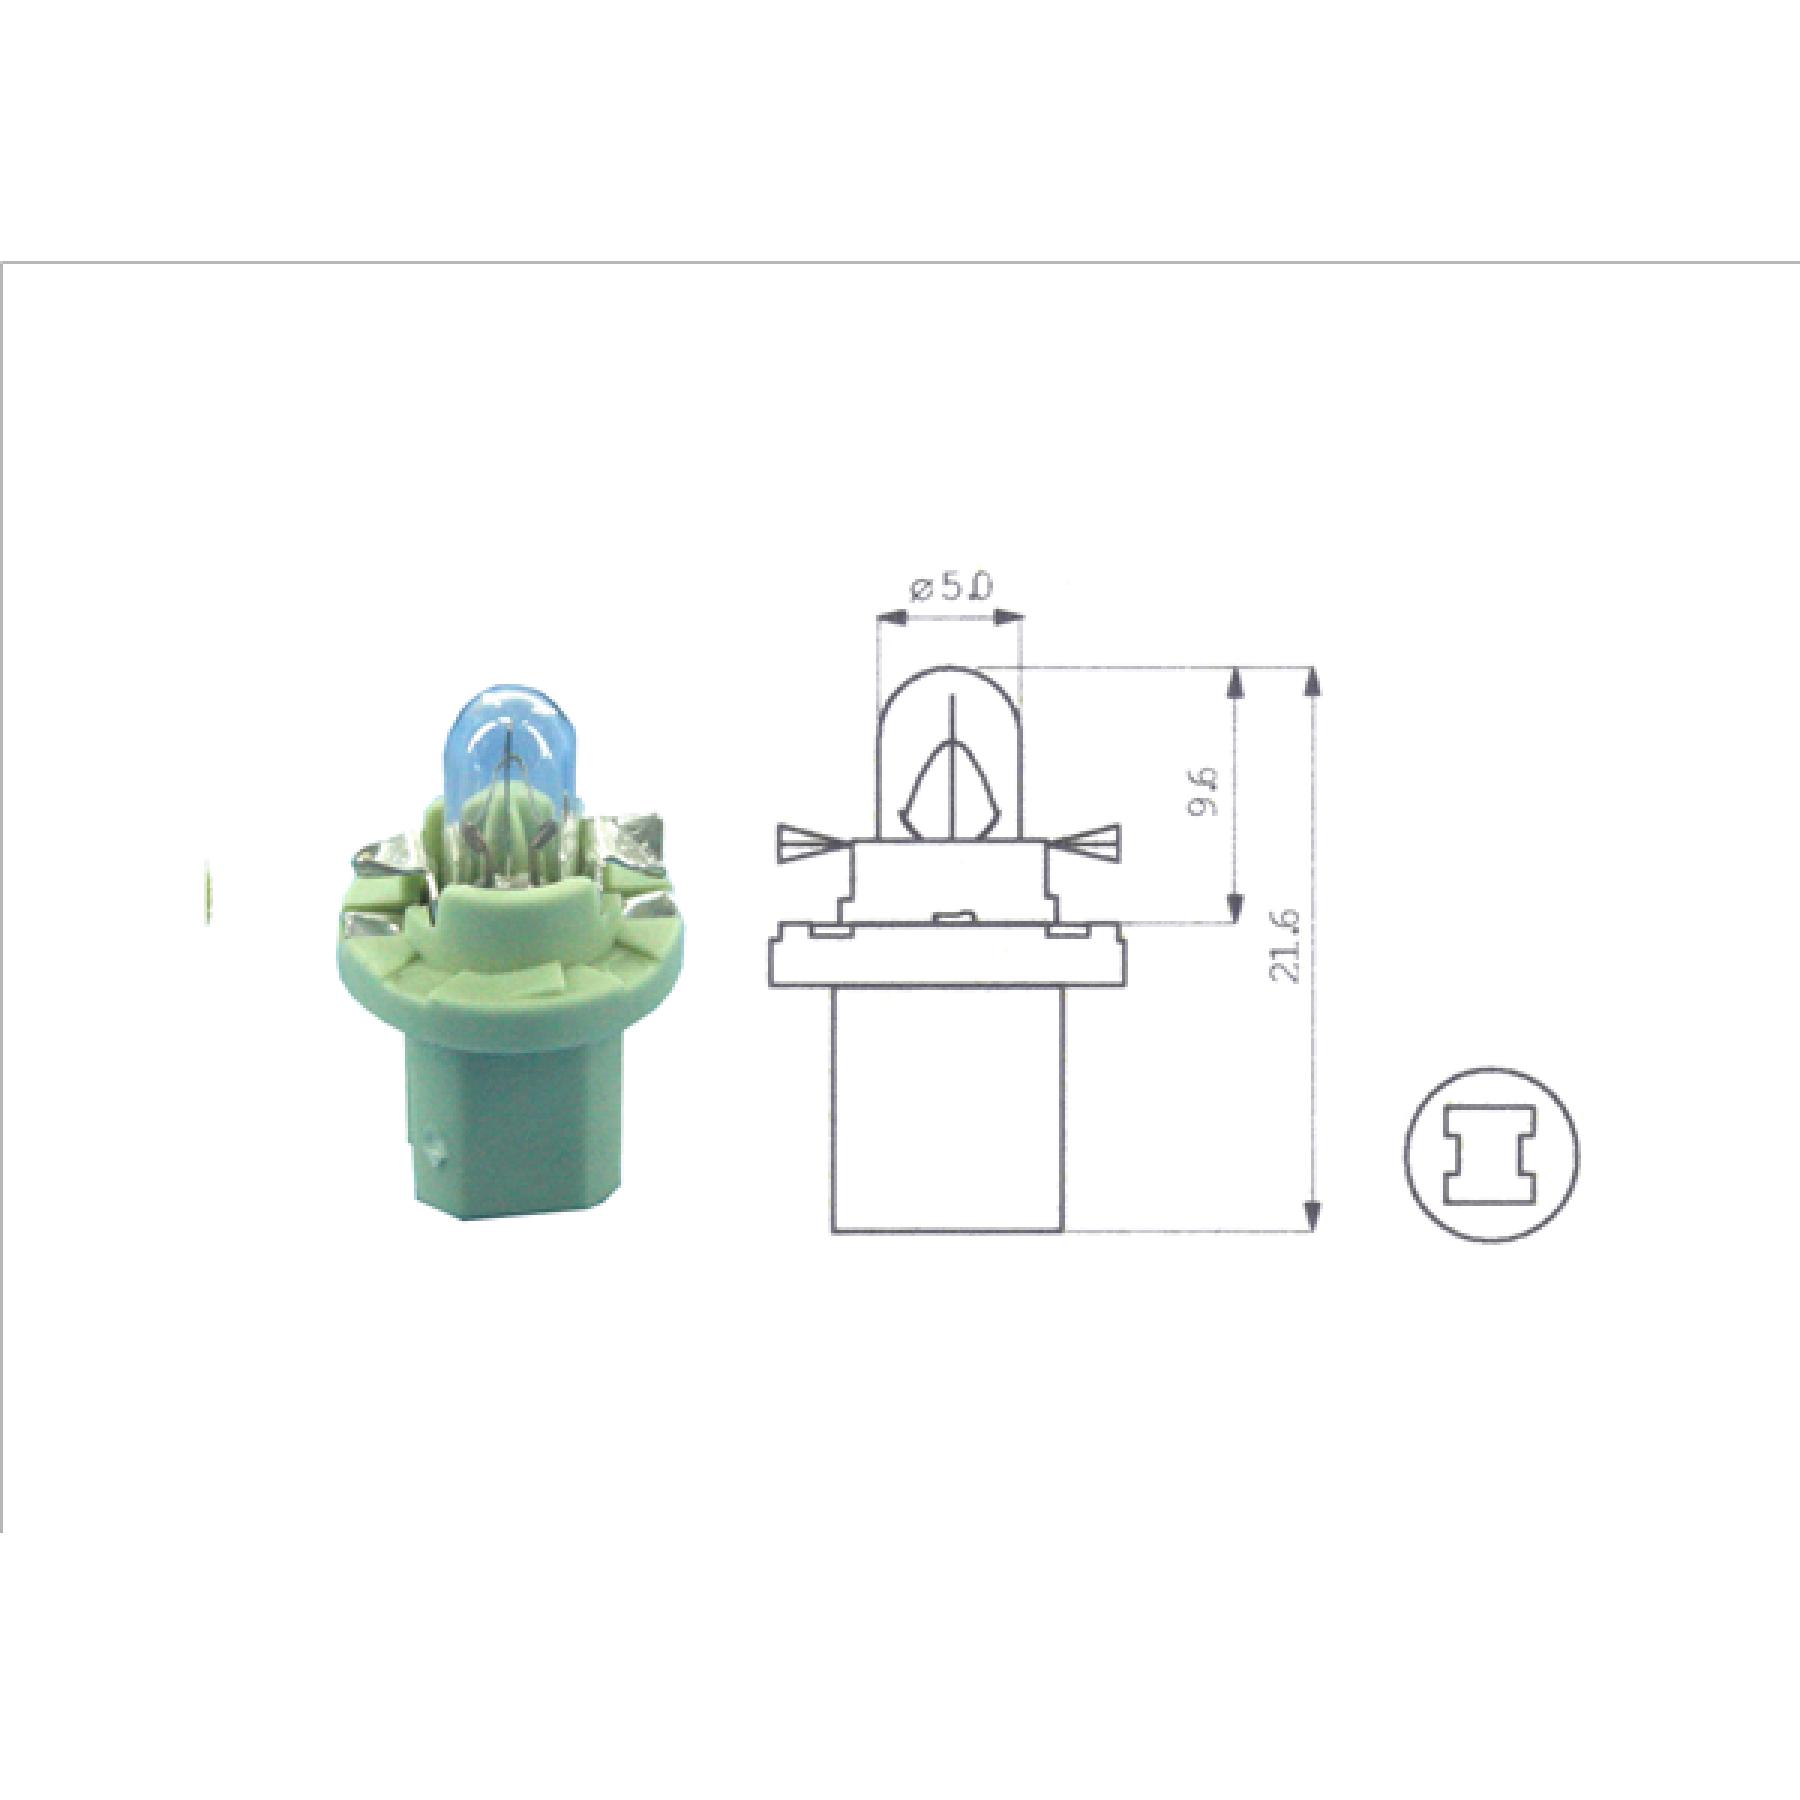 Lamp 12V 2W groen BX8.5D kunststof fitting